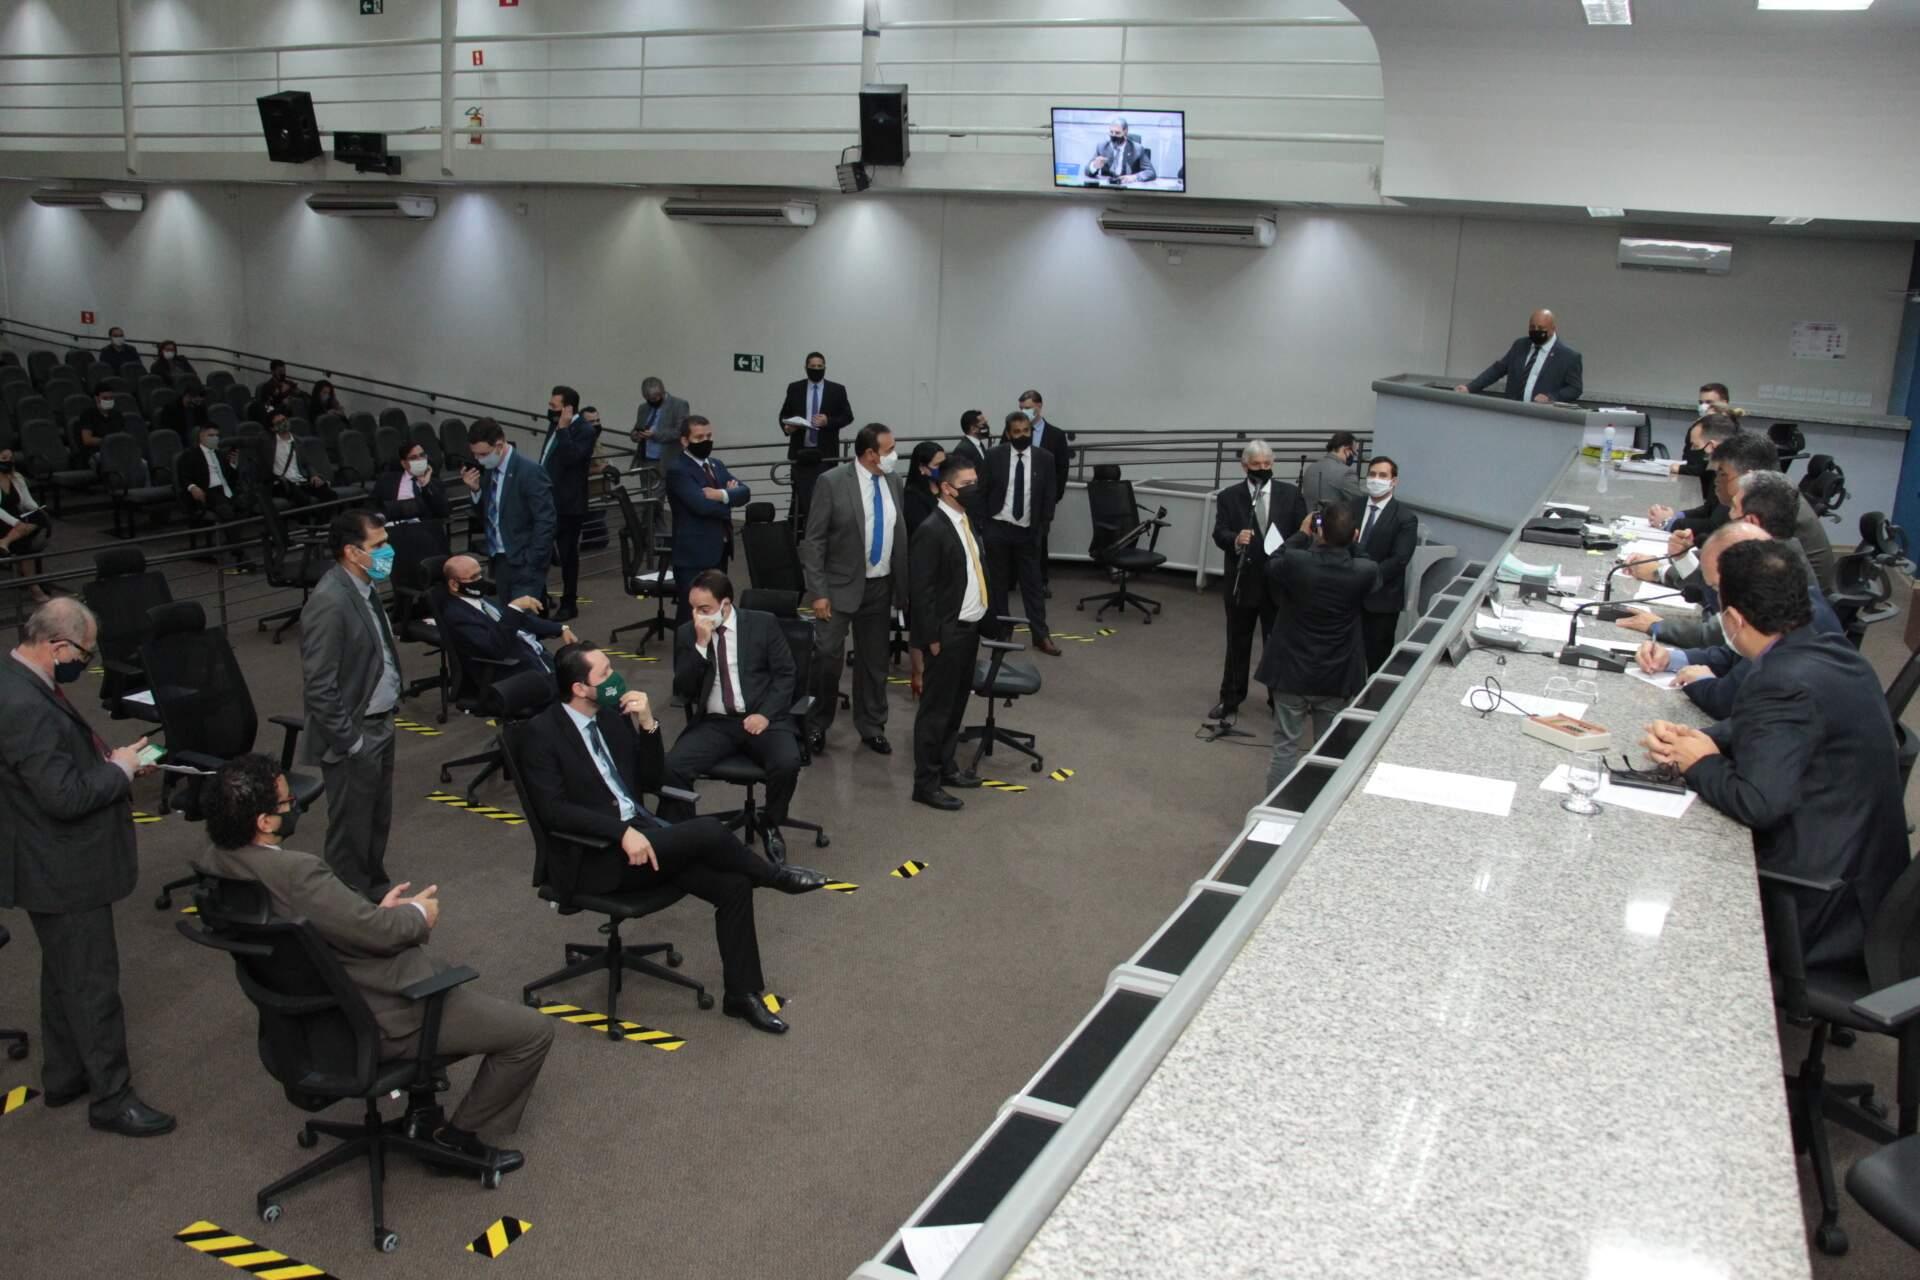 Vereadores durante sessão na Câmara em julho (Foto: Divulgação - CMCG)